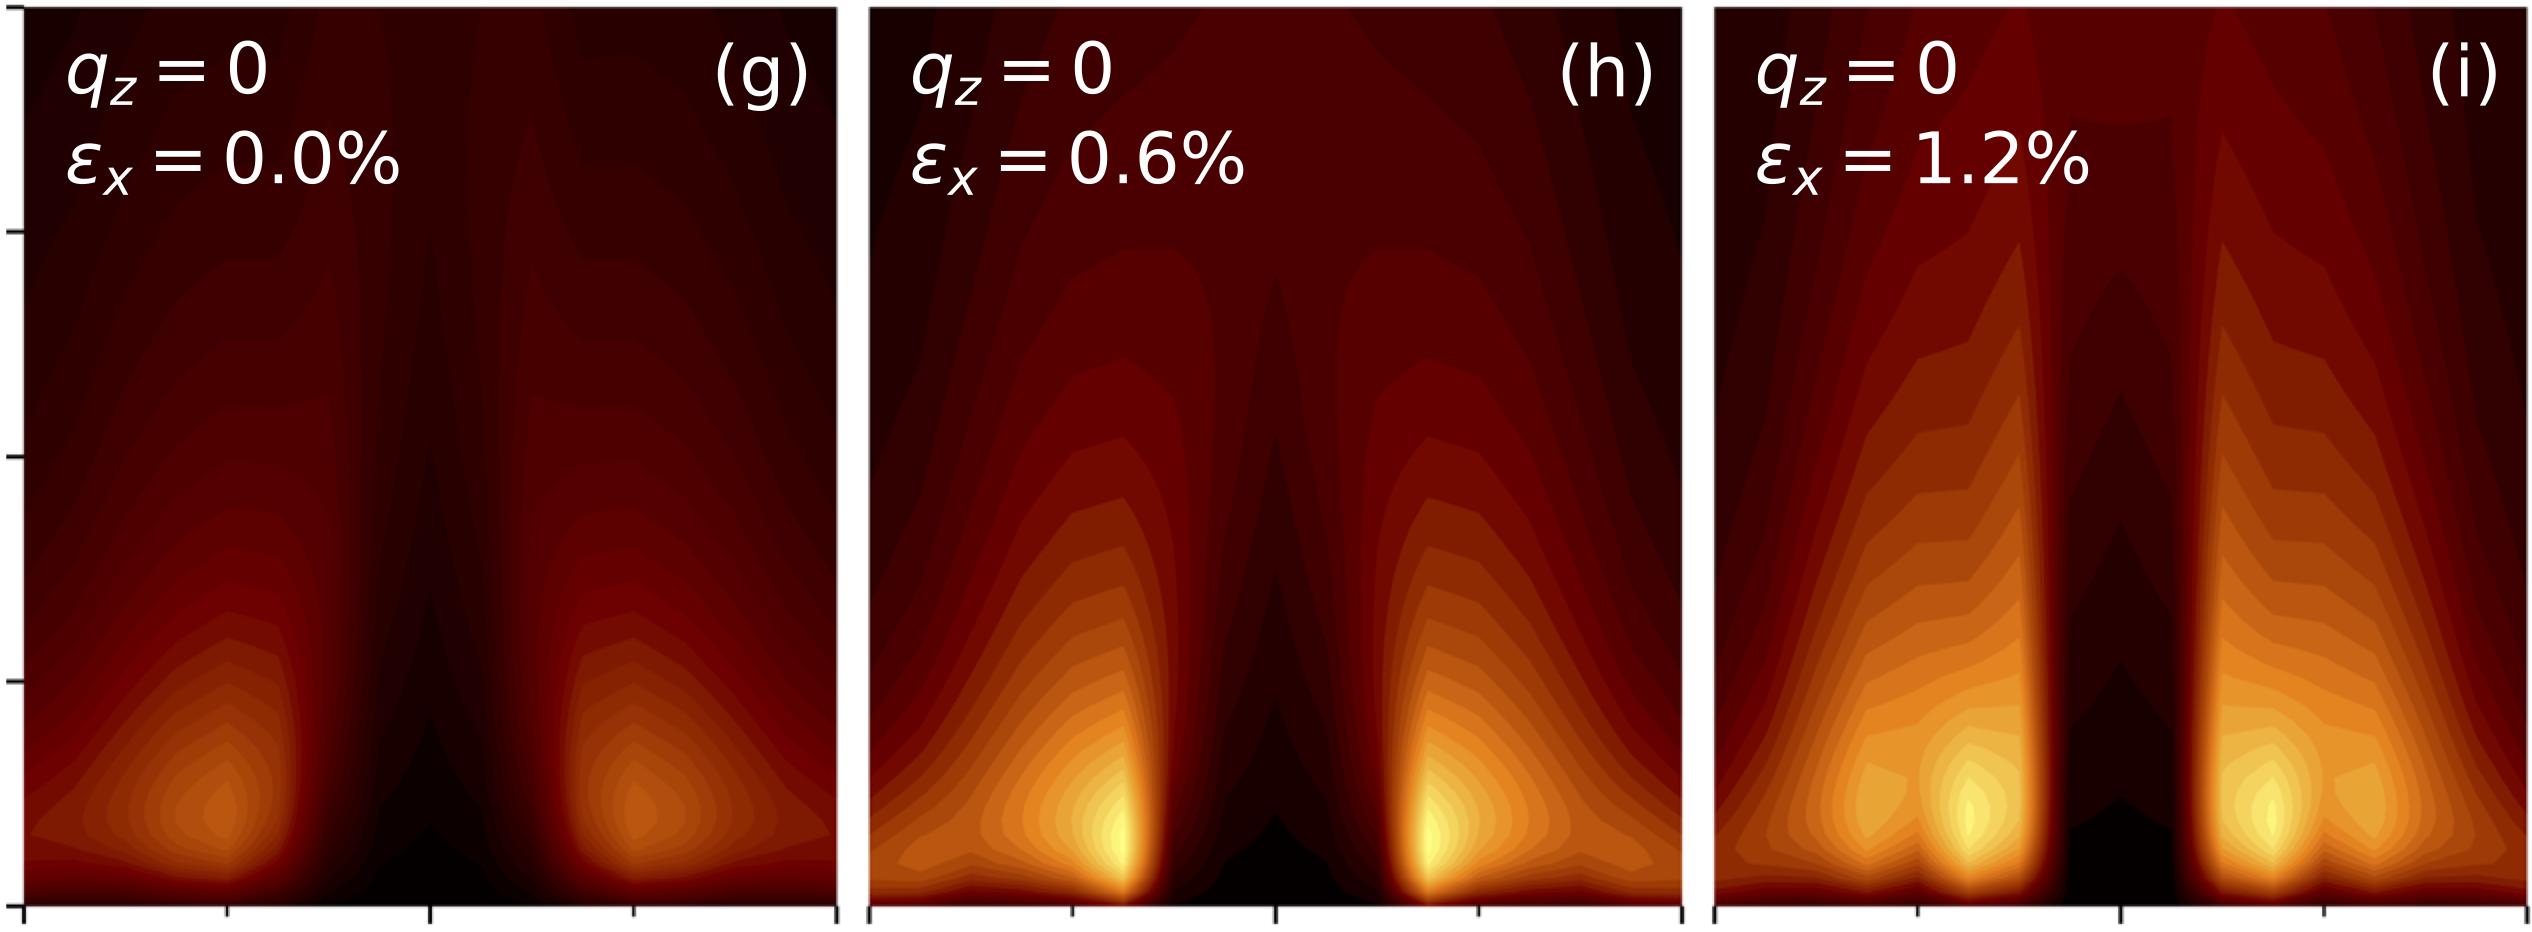 Ab initio Description of Supercondutivity in Sr2RuO4